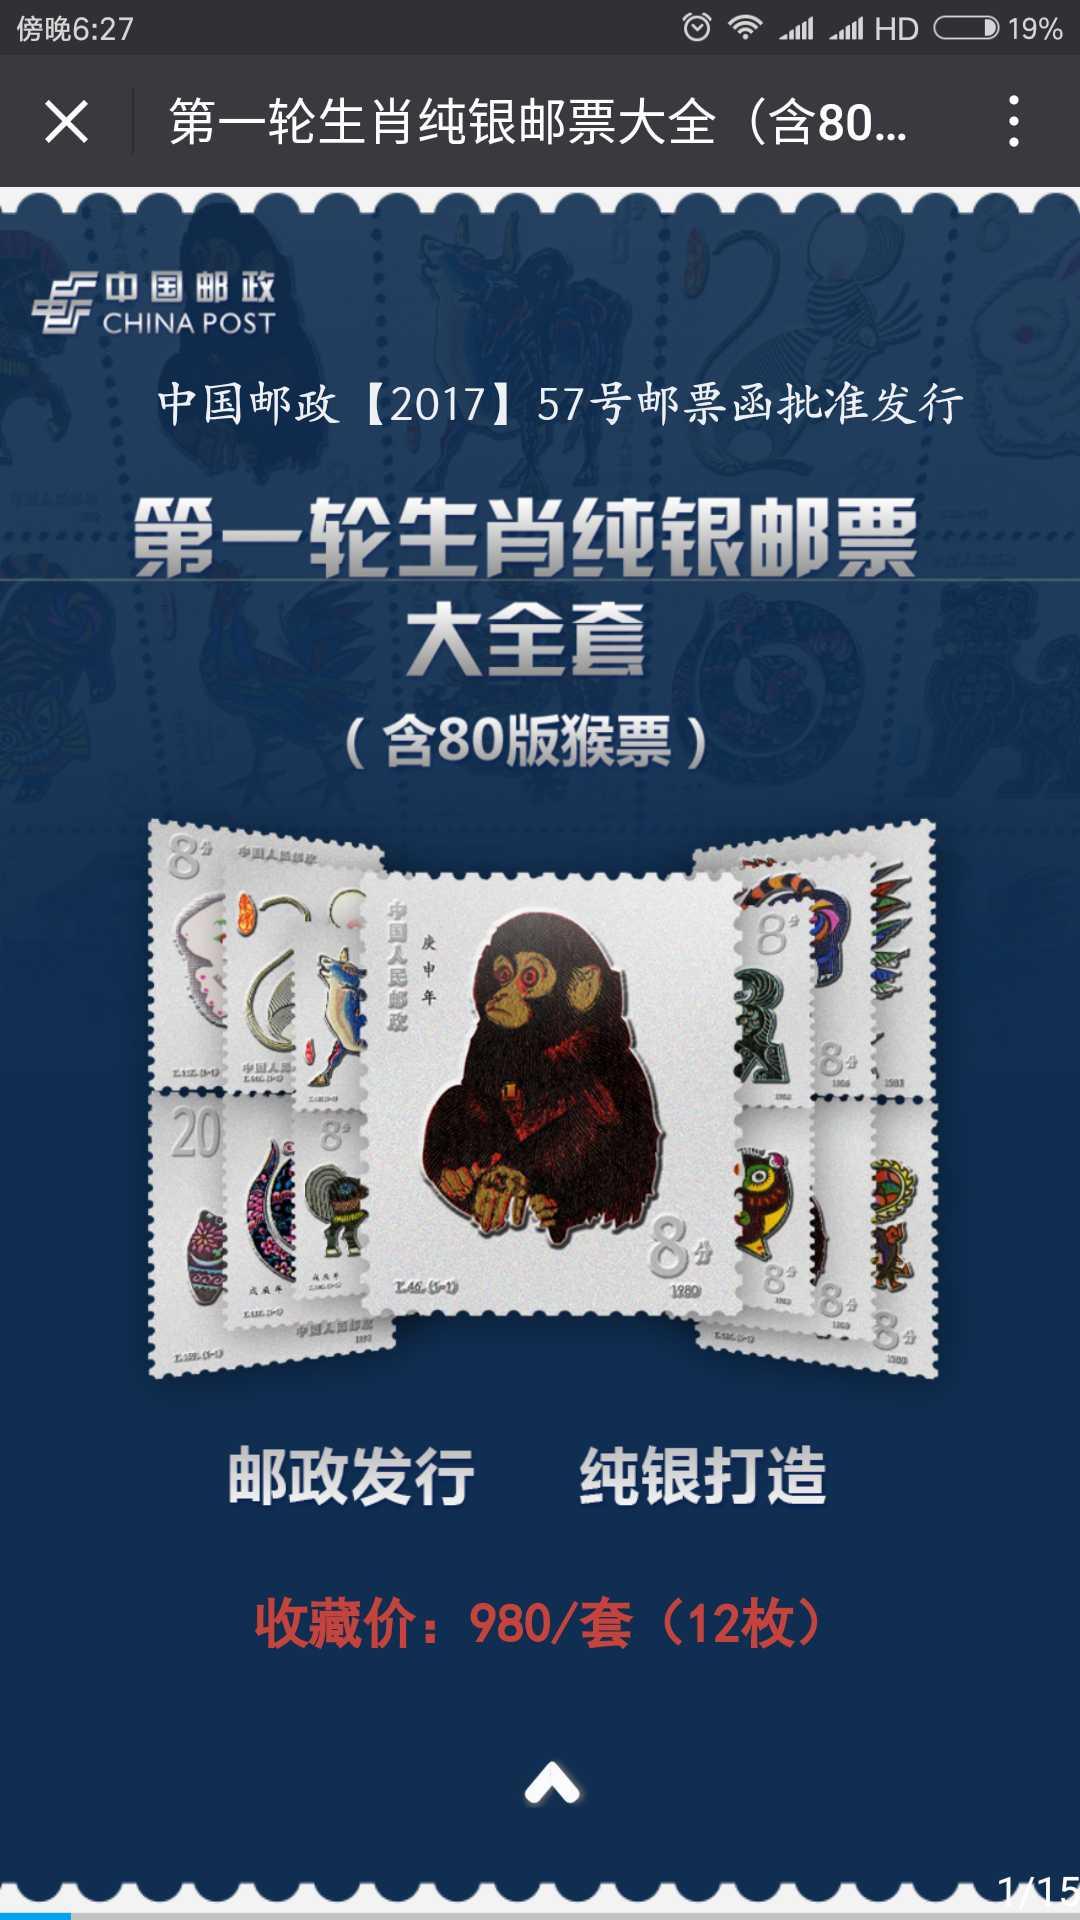 第一轮邮票纯银纯银大全一轮十二生肖生肖版邮票大全套36克